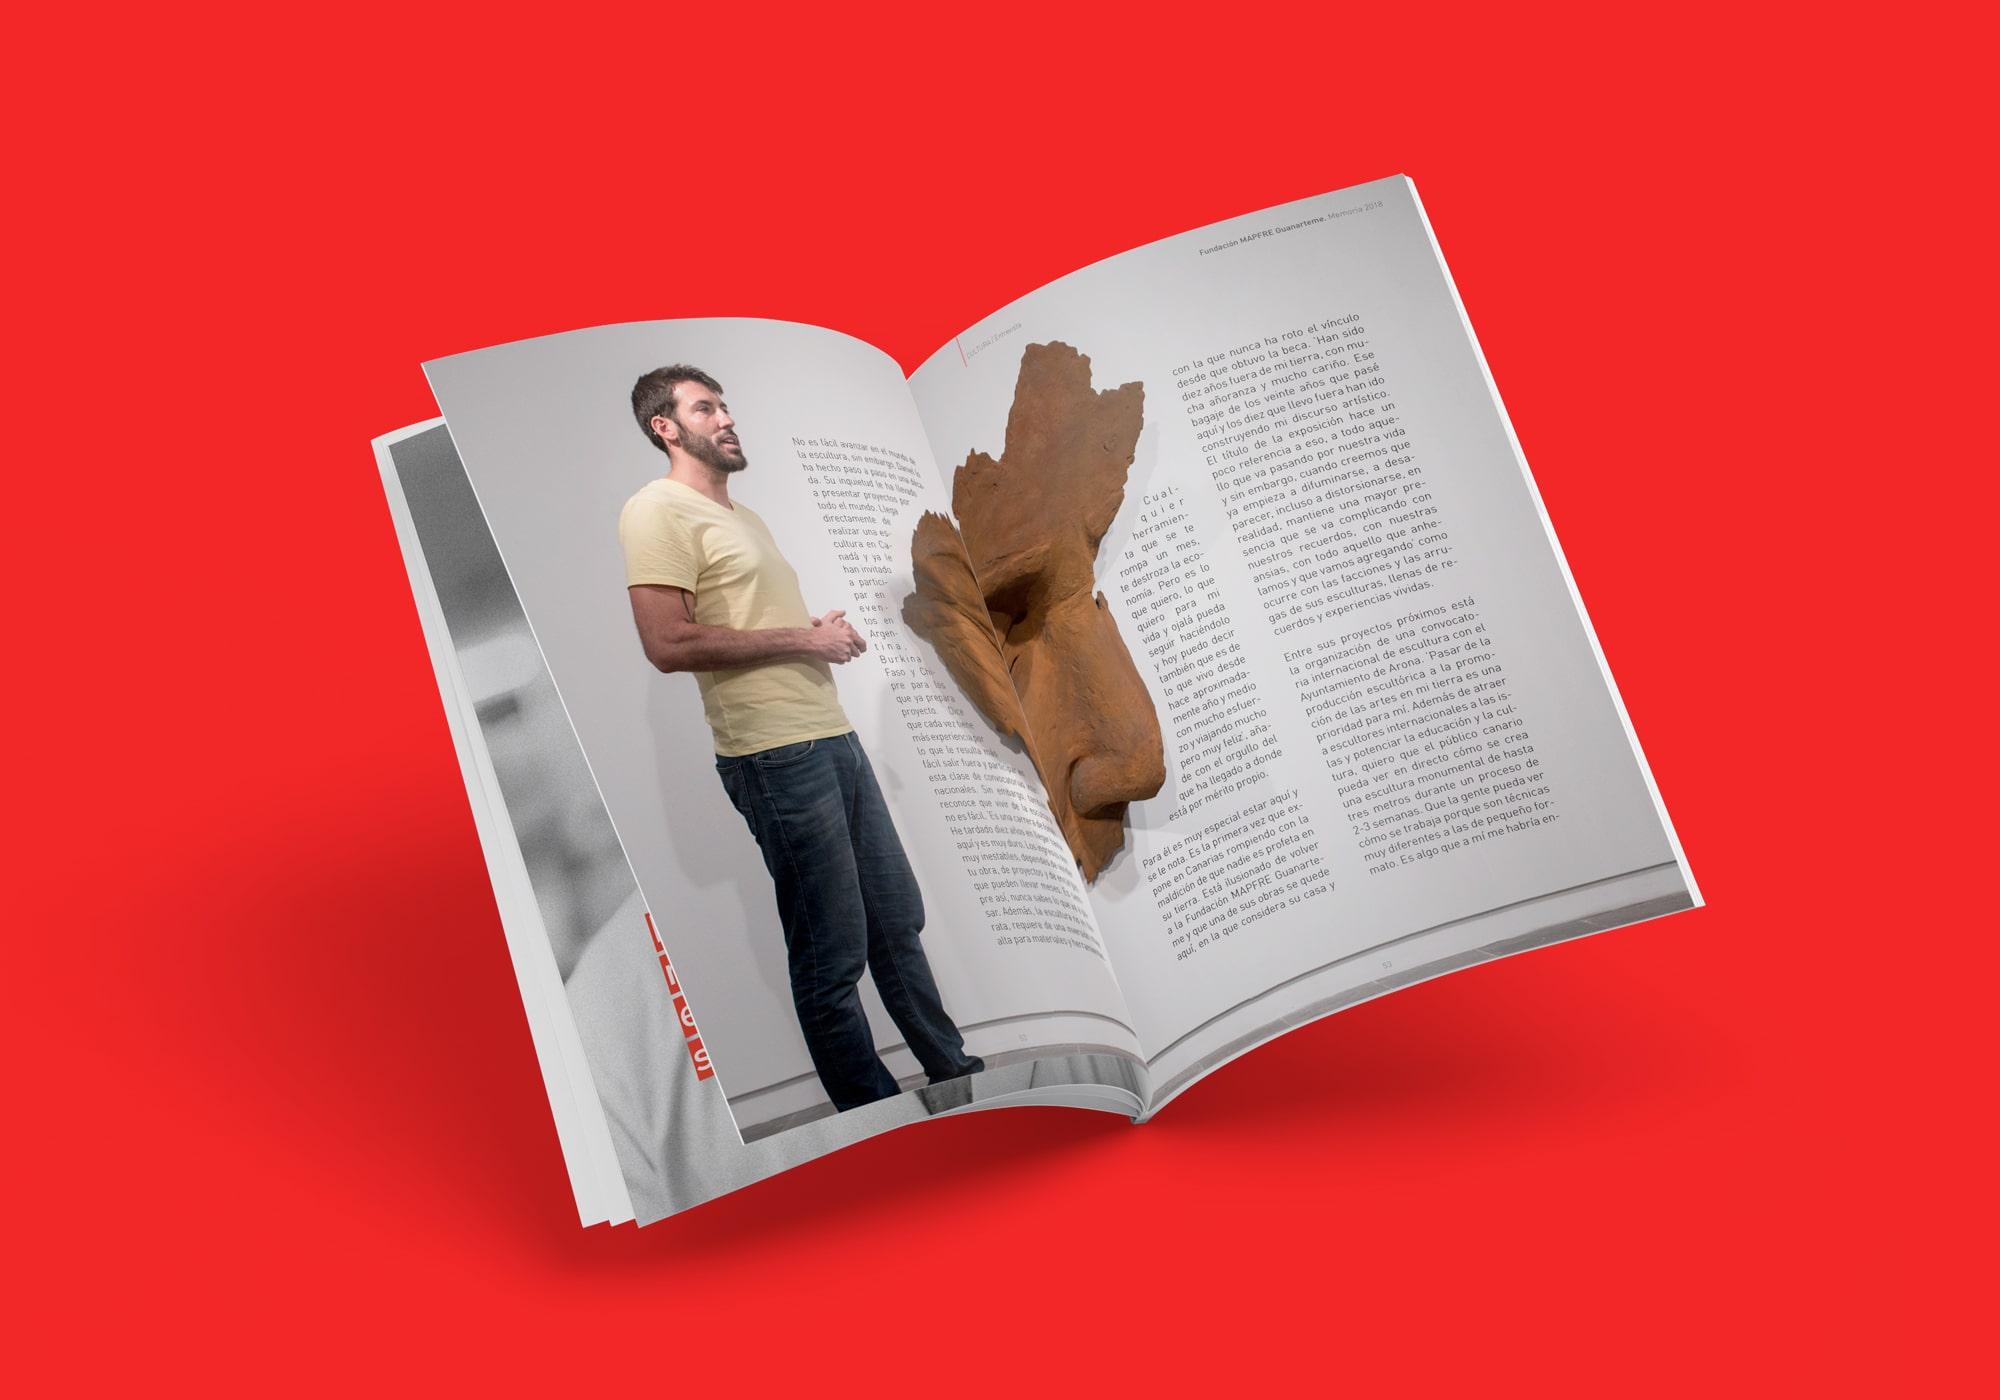 Anuario físico y digital